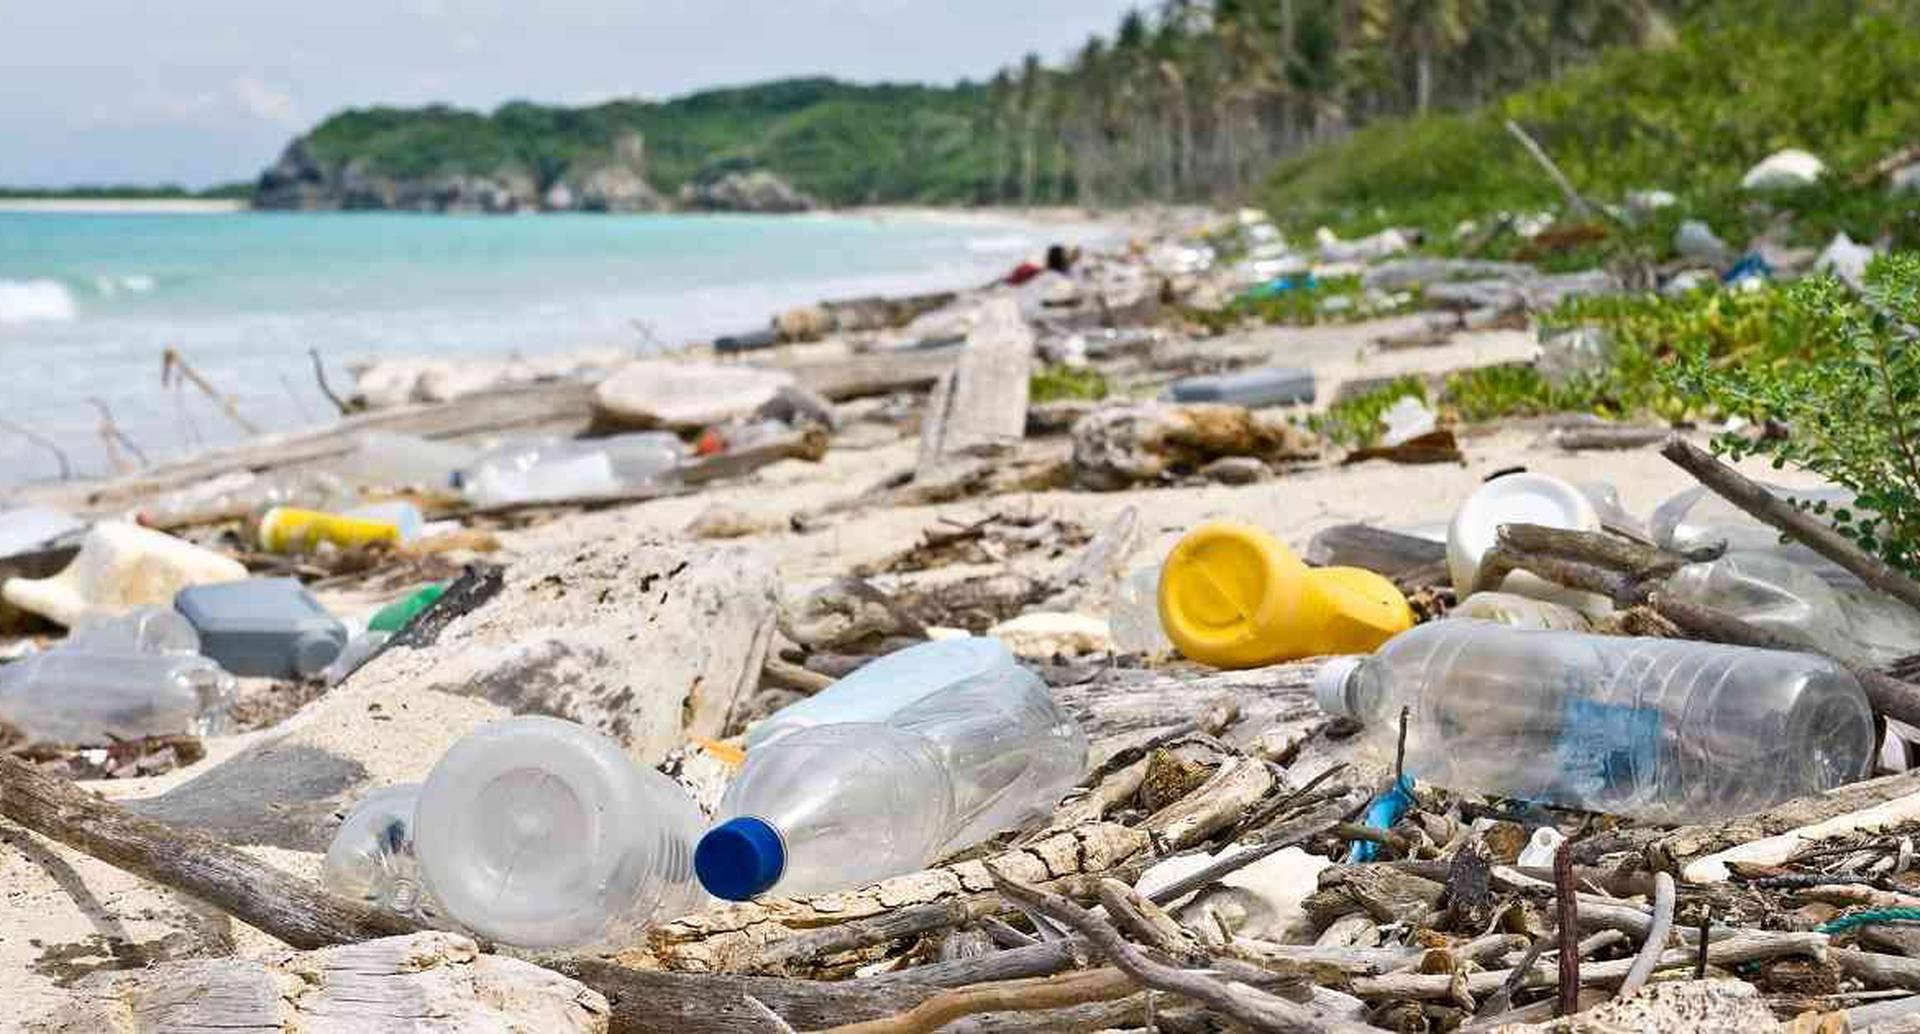 Los materiales plásticos que llegan a los mares están acabando con la vida de muchas especies. Foto: Pixabay